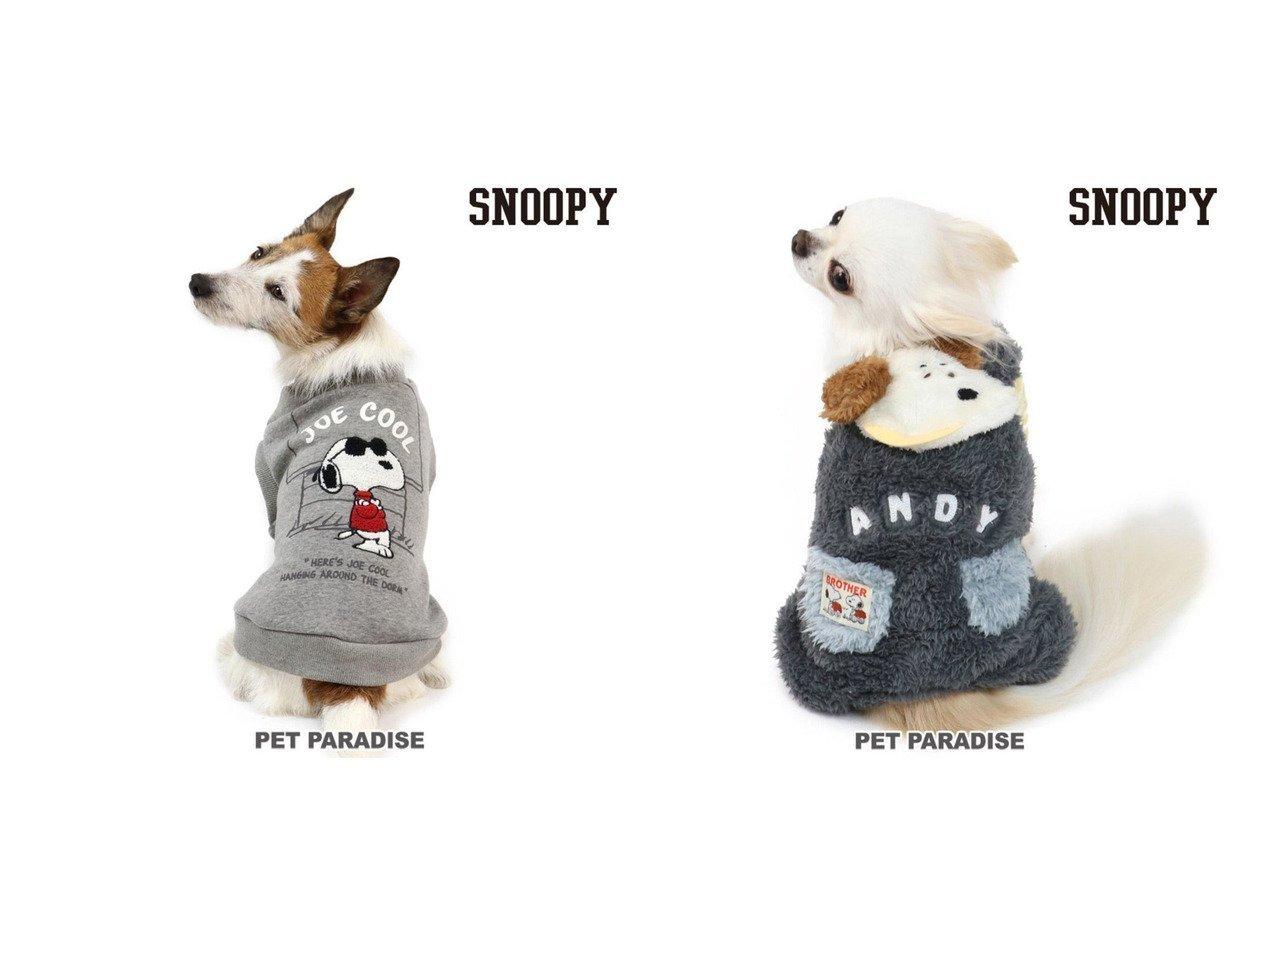 【PET PARADISE/ペットパラダイス】のスヌーピー ジョークール トレーナー ライトグレー 〔中・大型犬〕&スヌーピー ブラザつなぎ アンディ 〔超小型・小型犬〕 おすすめ!人気、ペットグッズの通販 おすすめで人気の流行・トレンド、ファッションの通販商品 メンズファッション・キッズファッション・インテリア・家具・レディースファッション・服の通販 founy(ファニー) https://founy.com/ 犬 Dog ホームグッズ Home/Garden ペットグッズ Pet Supplies  ID:crp329100000032788